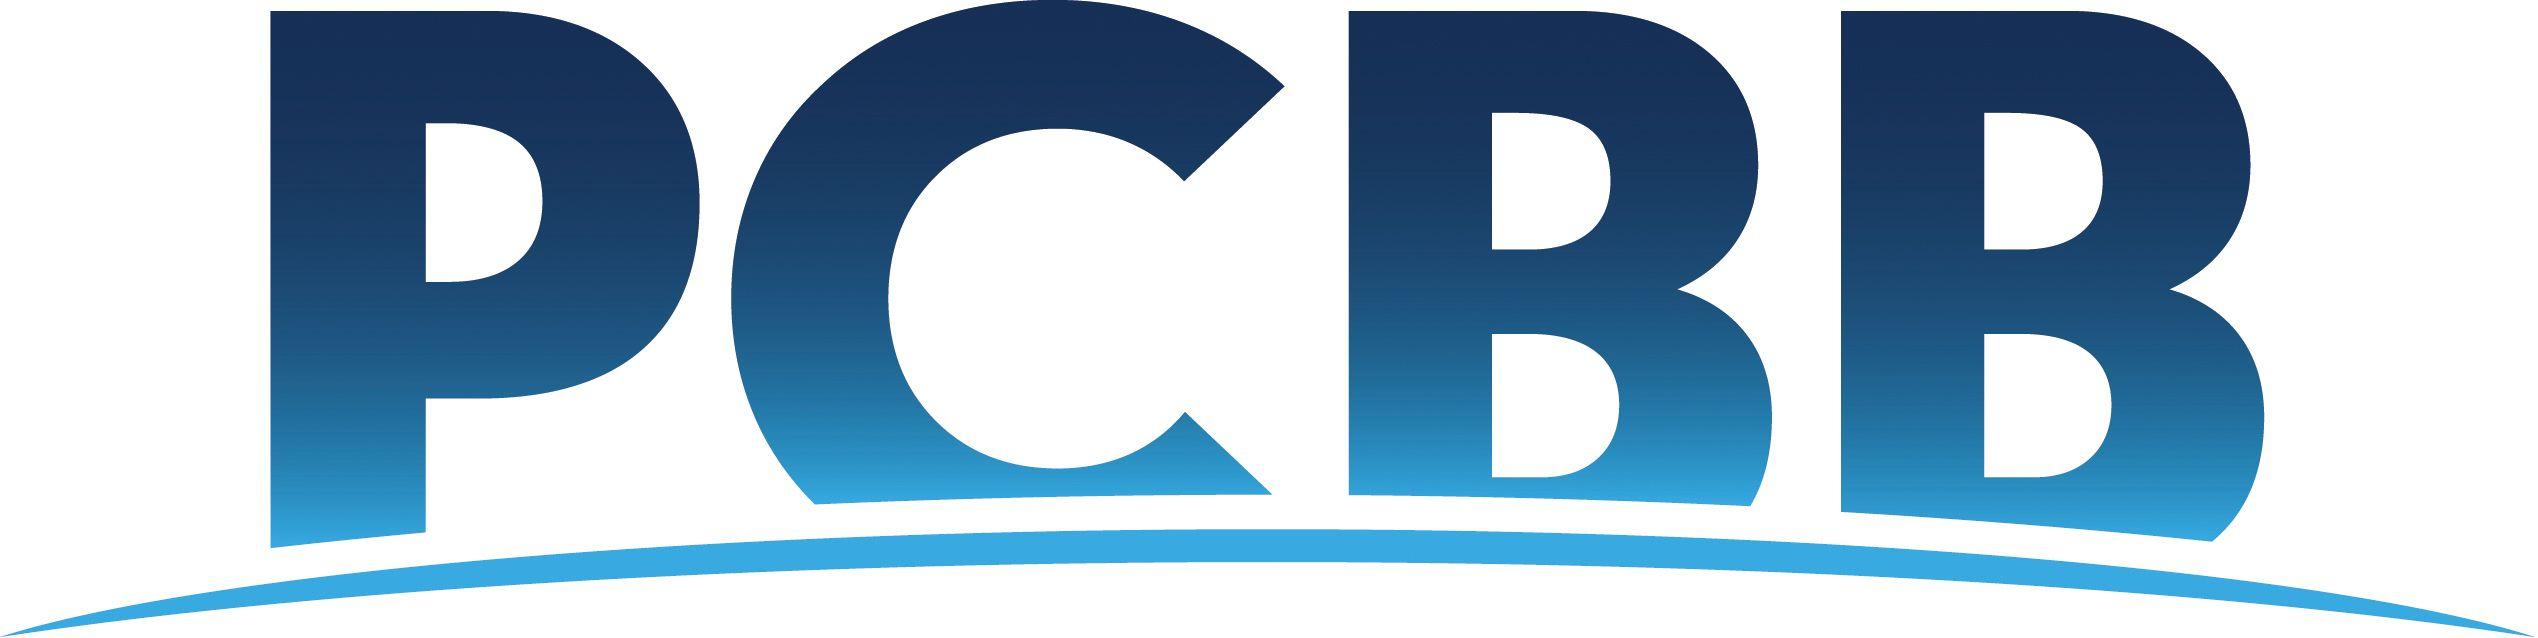 logo_pcbb_no words